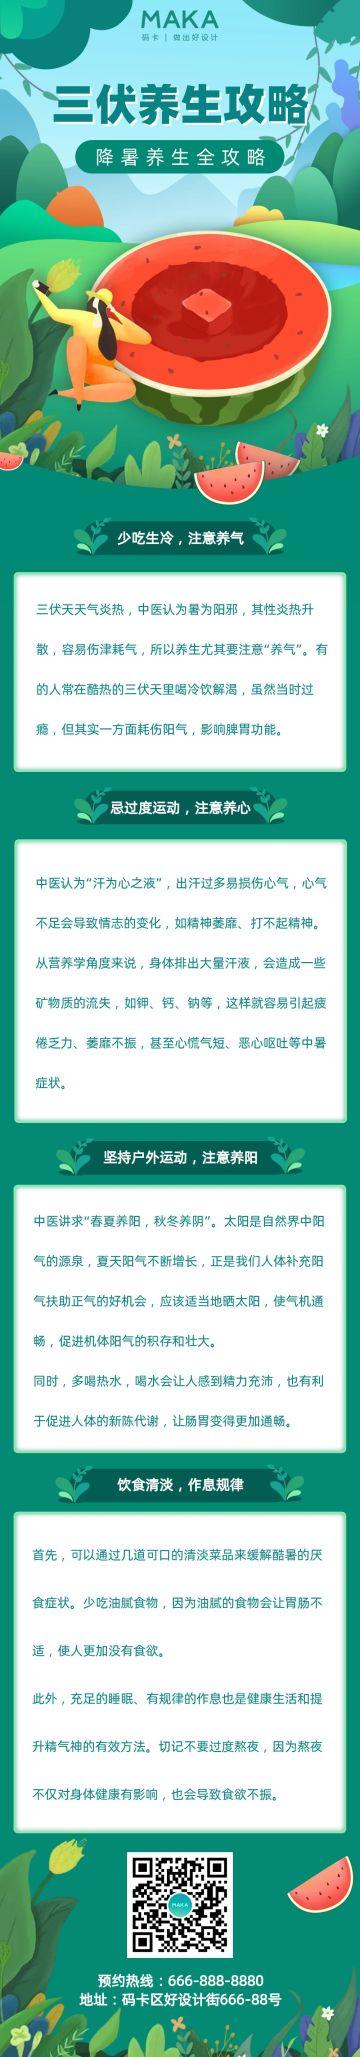 绿色简约卡通风格三伏天养生指南宣传长图